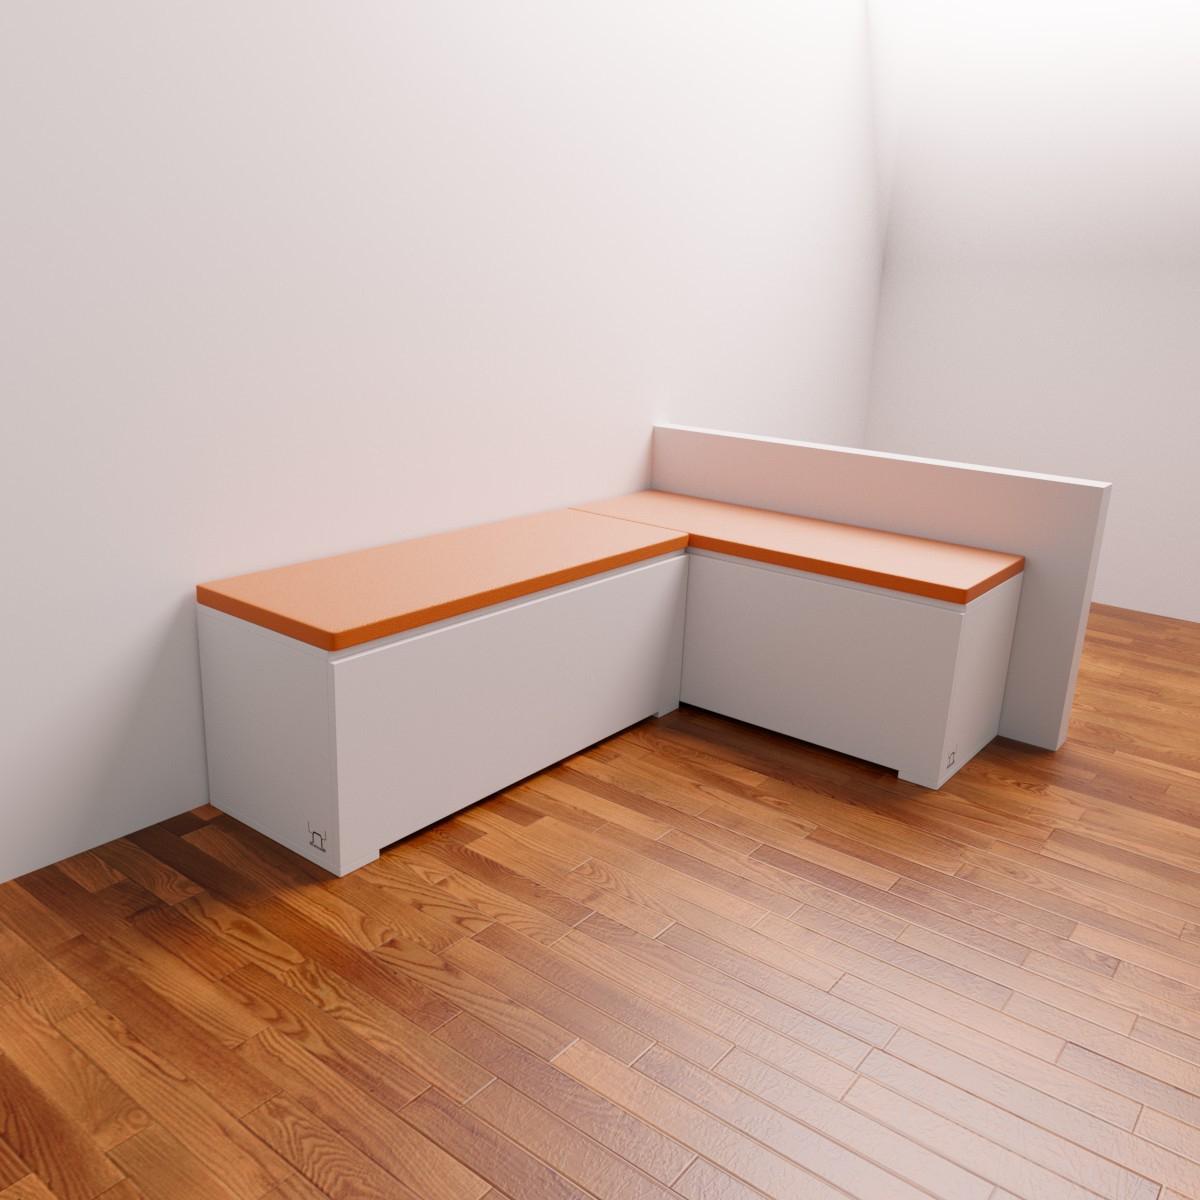 Banco Rinconera Para Cocina Whdr Banco Rinconera De Cocina Endor Con asiento Tapizado